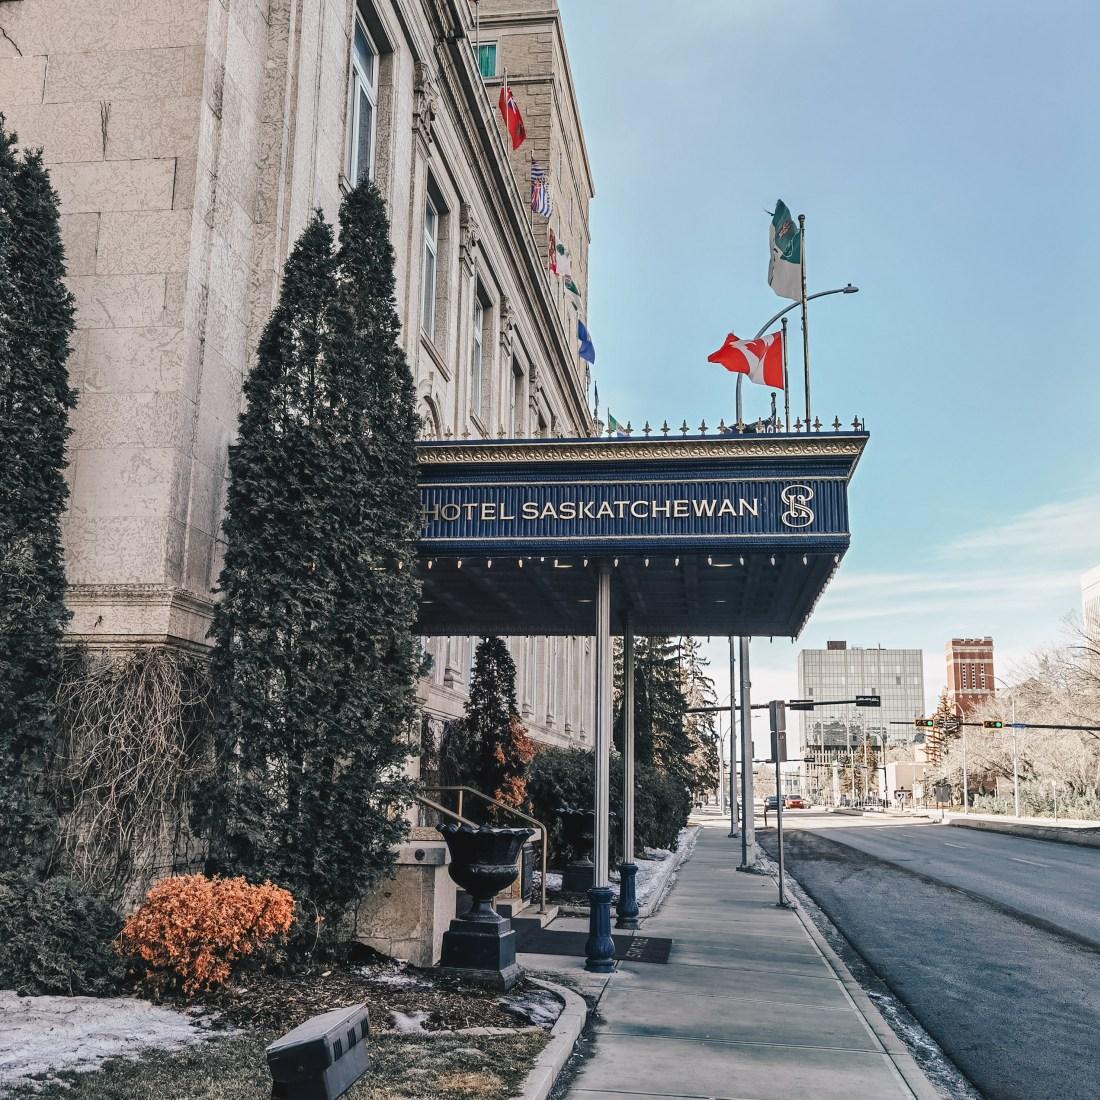 Hotel Saskatchewan - Regina Saskatchewan